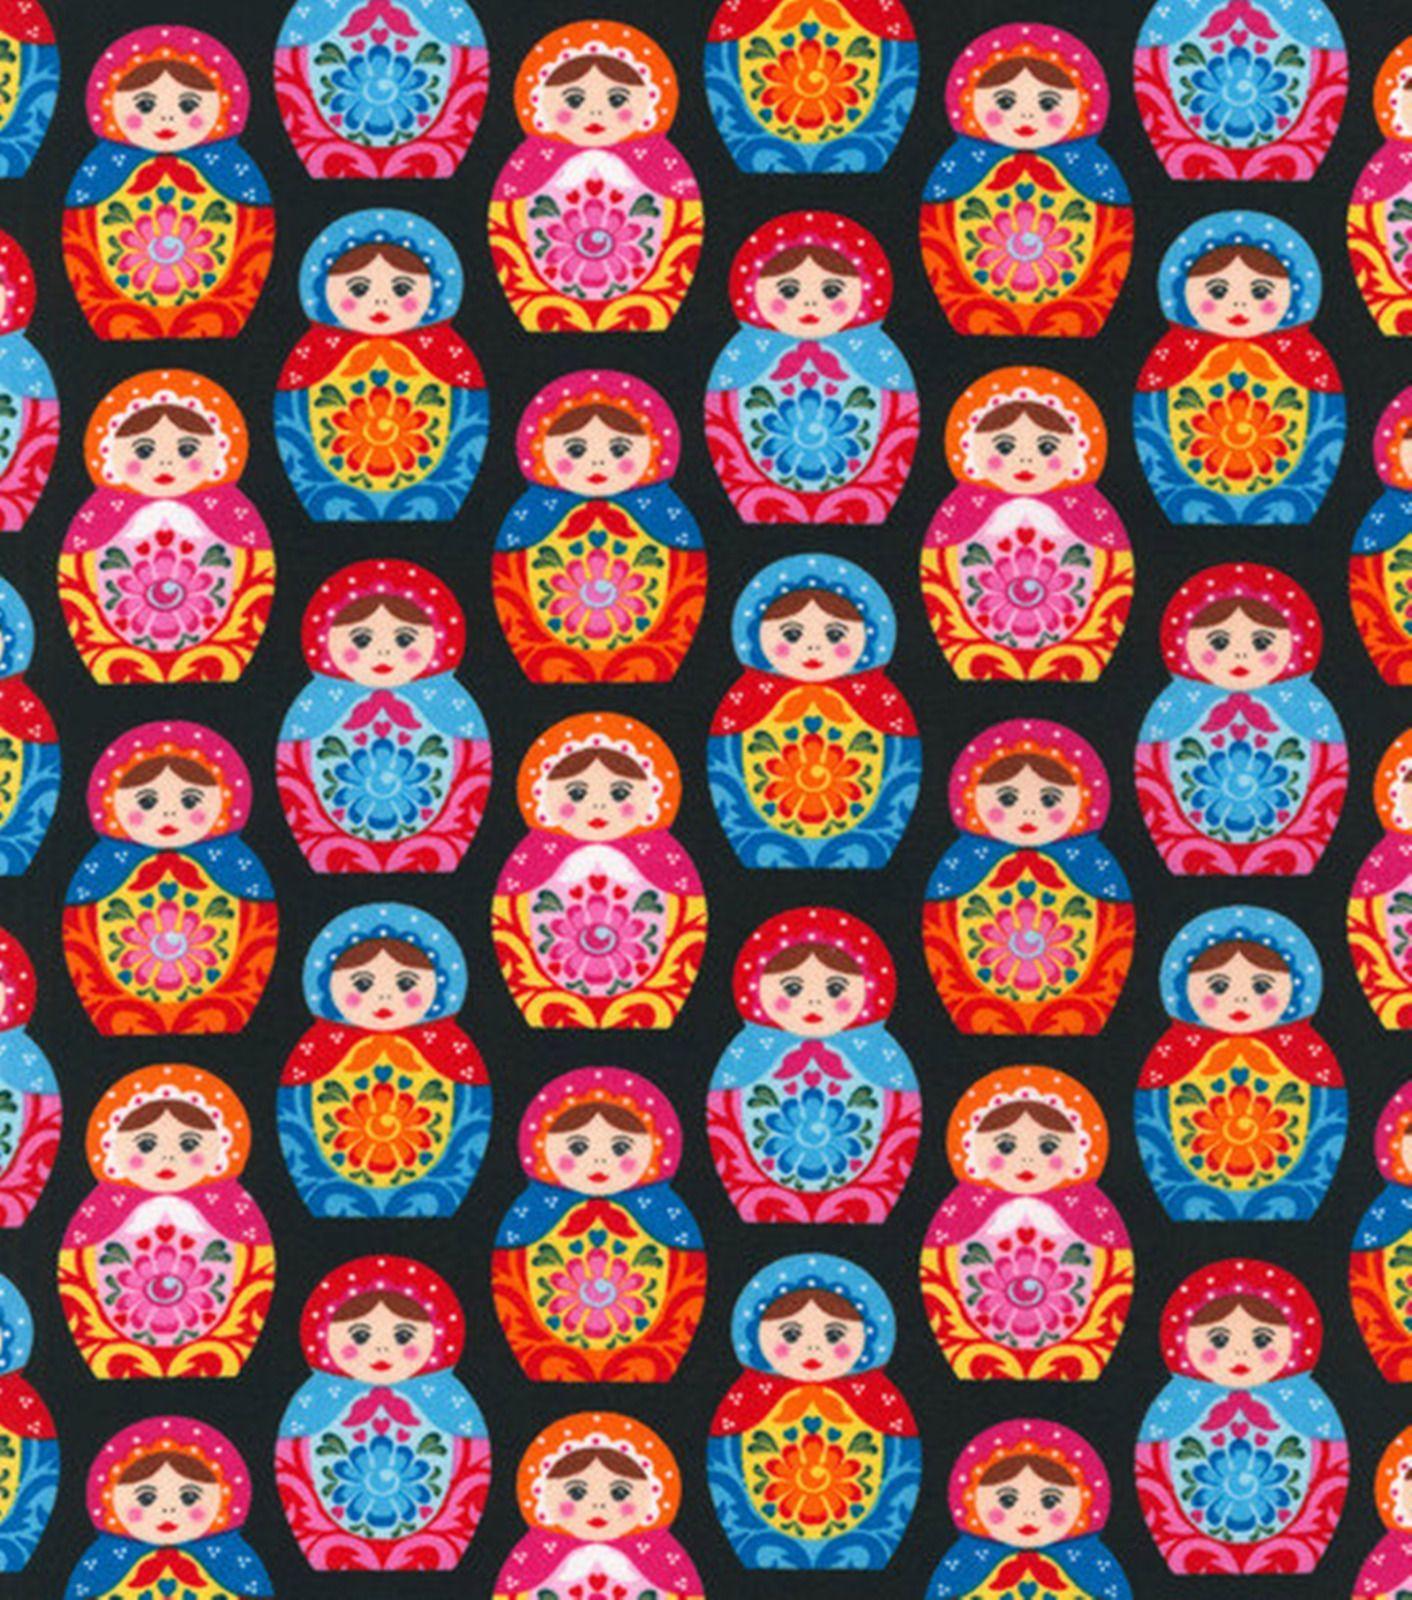 Matryoshka Babushka Russian Nesting Dolls Fabric Yard In